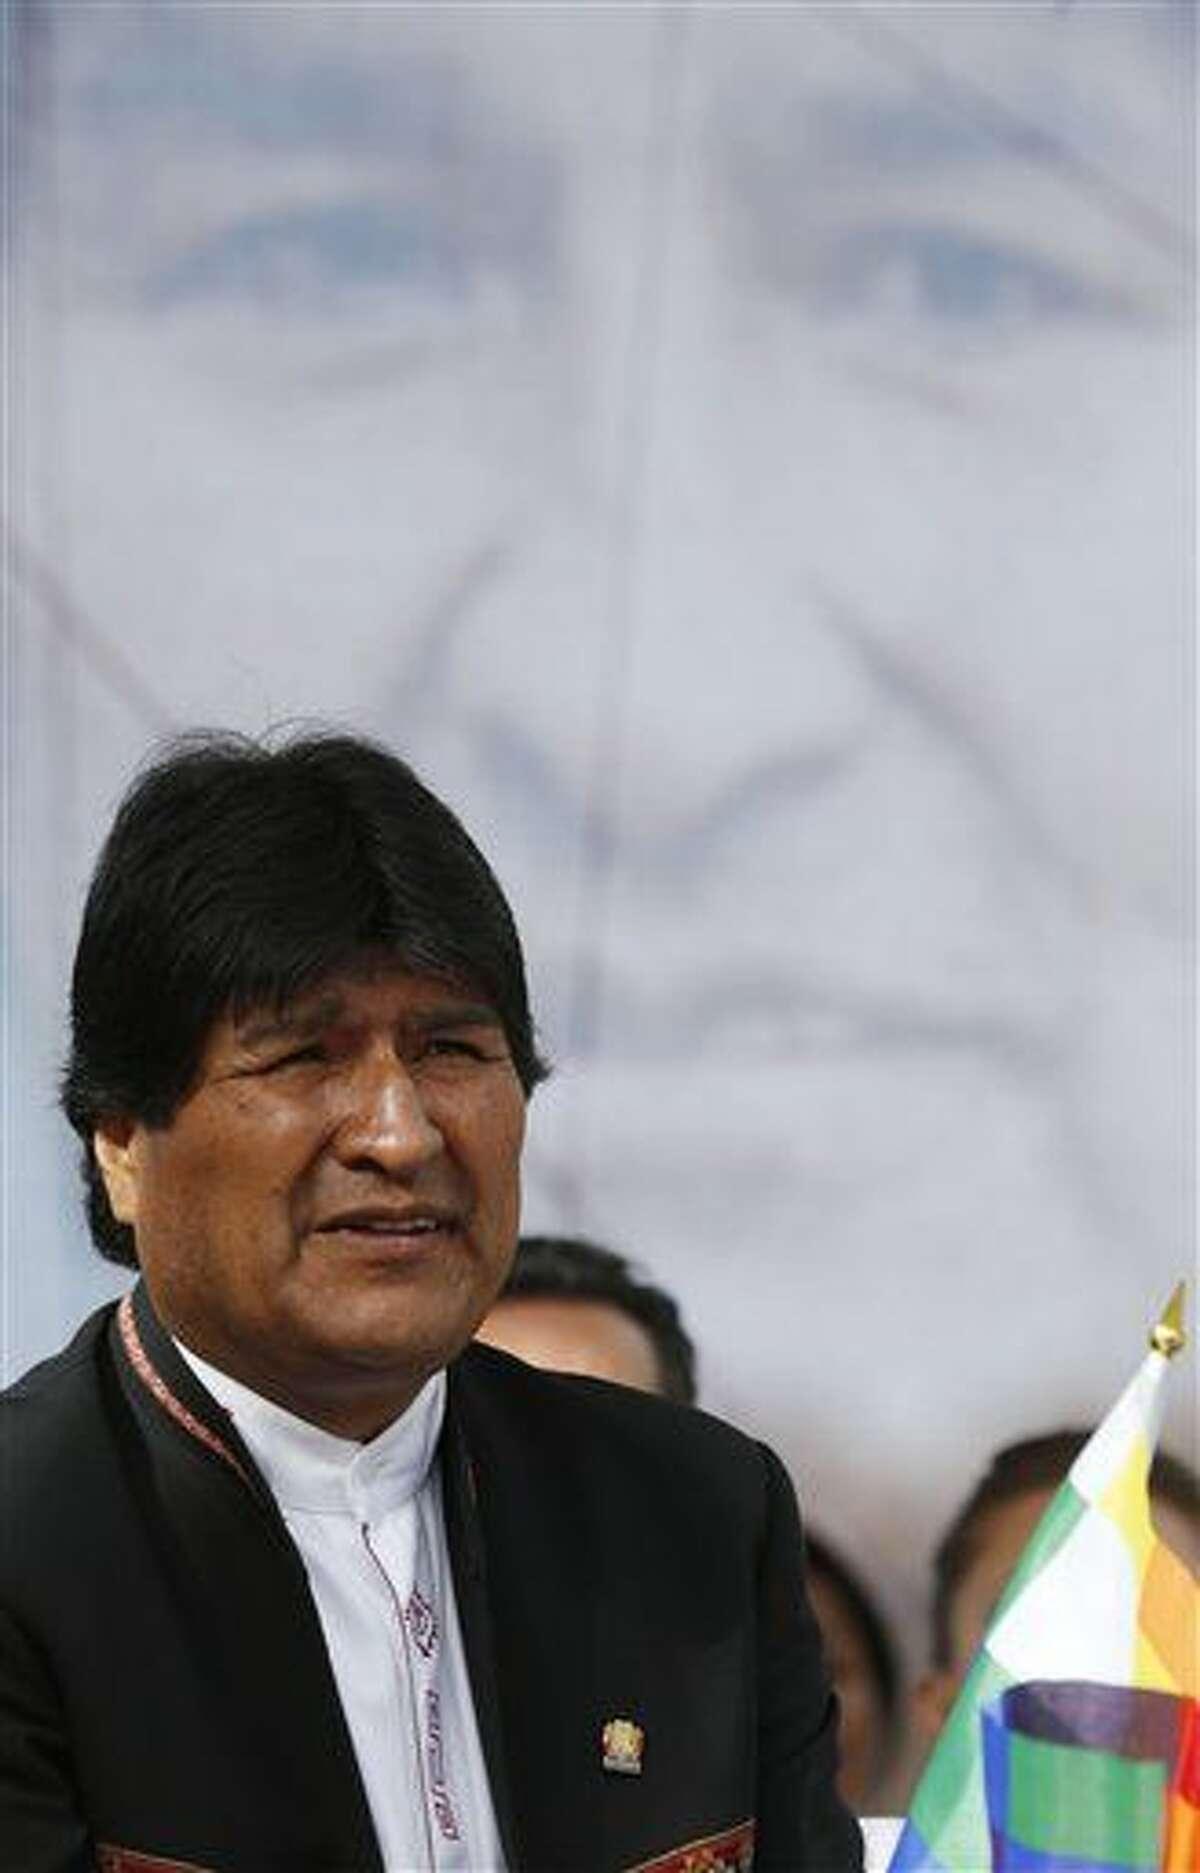 """El presidente de Bolivia Evo Morales asiste a una ceremonia de firma de la expansión y ampliación de la carretera que une la capital con la vecina ciudad de El Alto en La Paz, el lunes, 22 de febrero de 2016. Morales reconoció el miércoles su derrota en las urnas y dijo que sólo perdió una batalla pero no la guerra, un día después de que el Tribunal Constitucional declarara ganador por tres puntos al """"No"""" a la reforma constitucional que le habría permitido postularse a un cuarto período consecutivo en 2019.(Foto AP/Juan Karita)"""